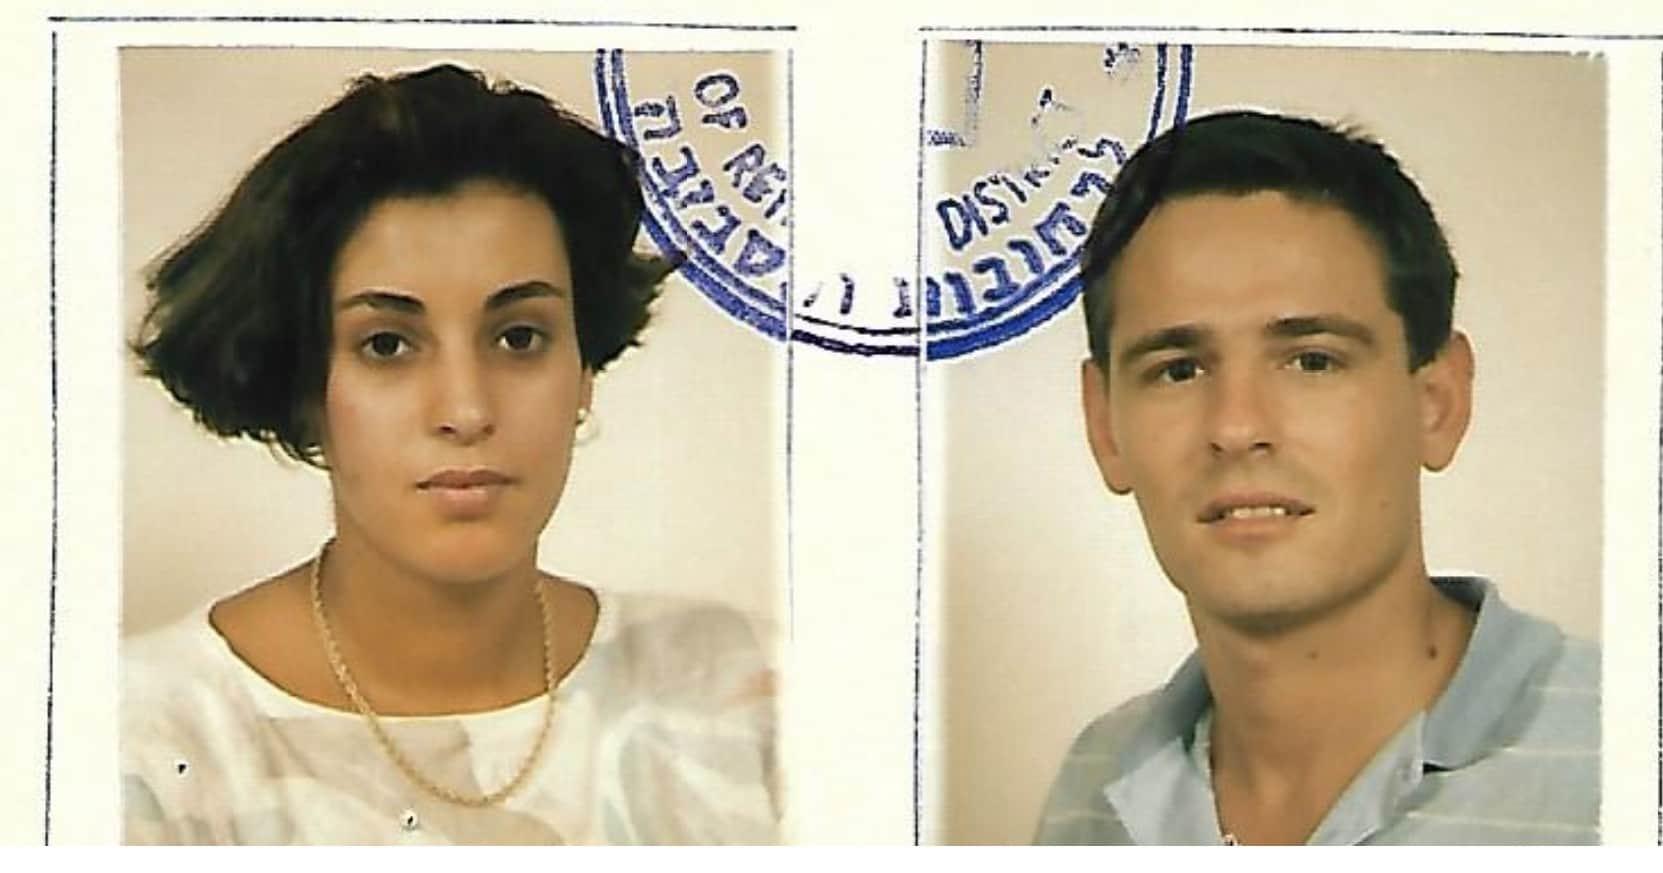 אסנת וחגי שלו בתעודת הנישואין 1986